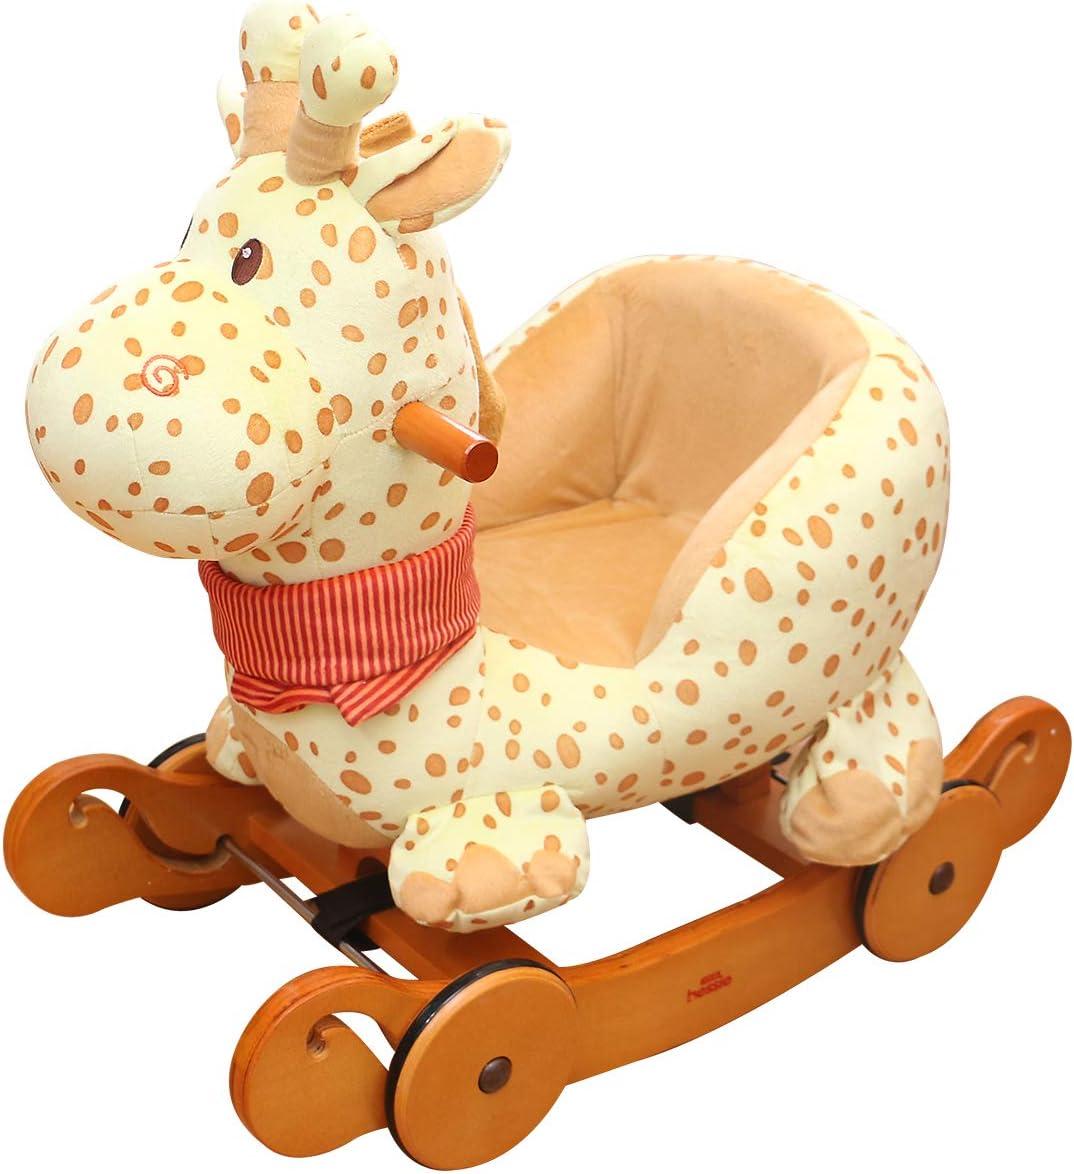 Lovable playmates Girafe Jaune Jouet /à Bascule b/éb/és Peluche Cheval /à Bascule en Bois Jouet